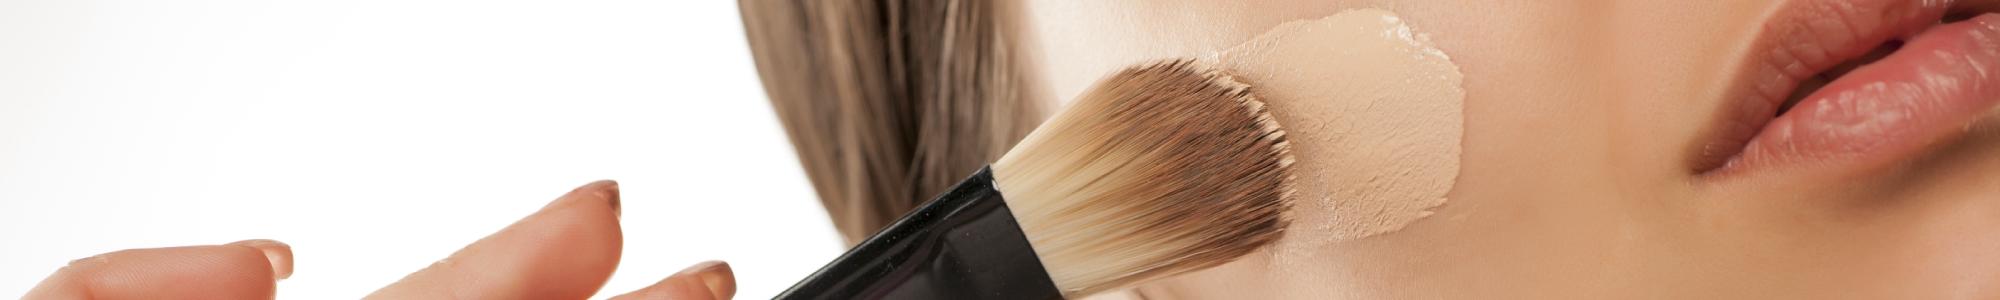 Crème visage 4 en 1 - BB crème aux actifs naturels et biologiques